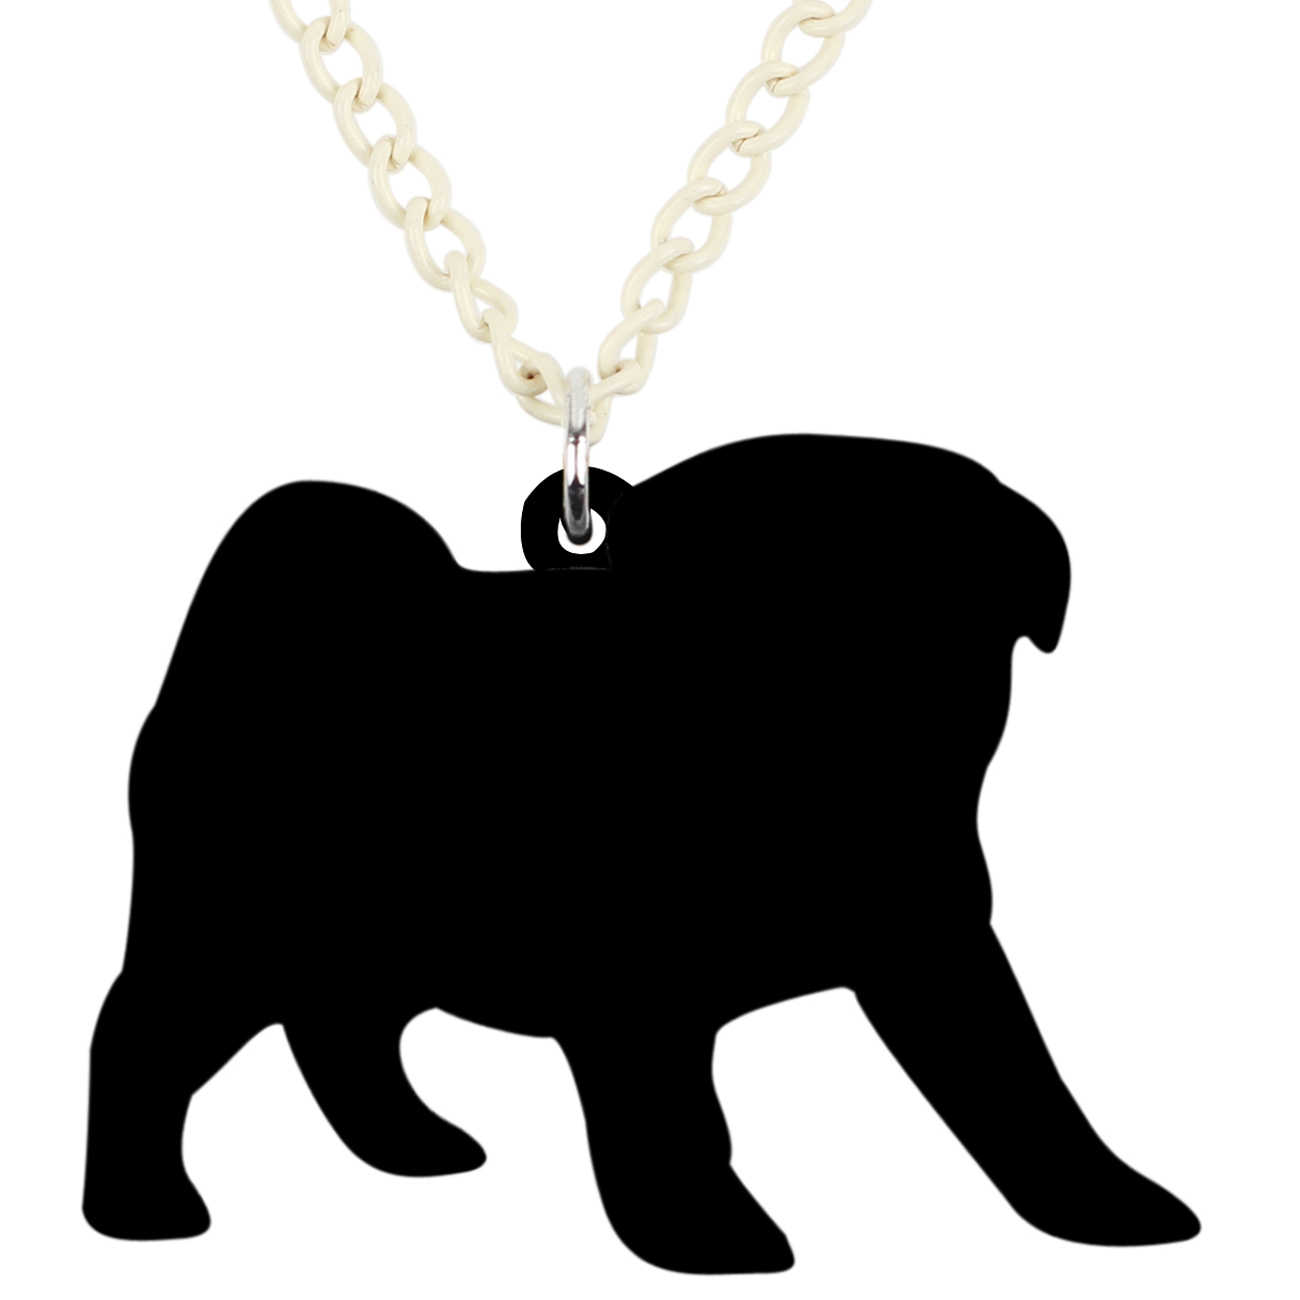 Weveni acrílico buldogue francês pug cão colar pingente gargantilha colar dos desenhos animados animais de estimação jóias para meninas presente do miúdo bijoux